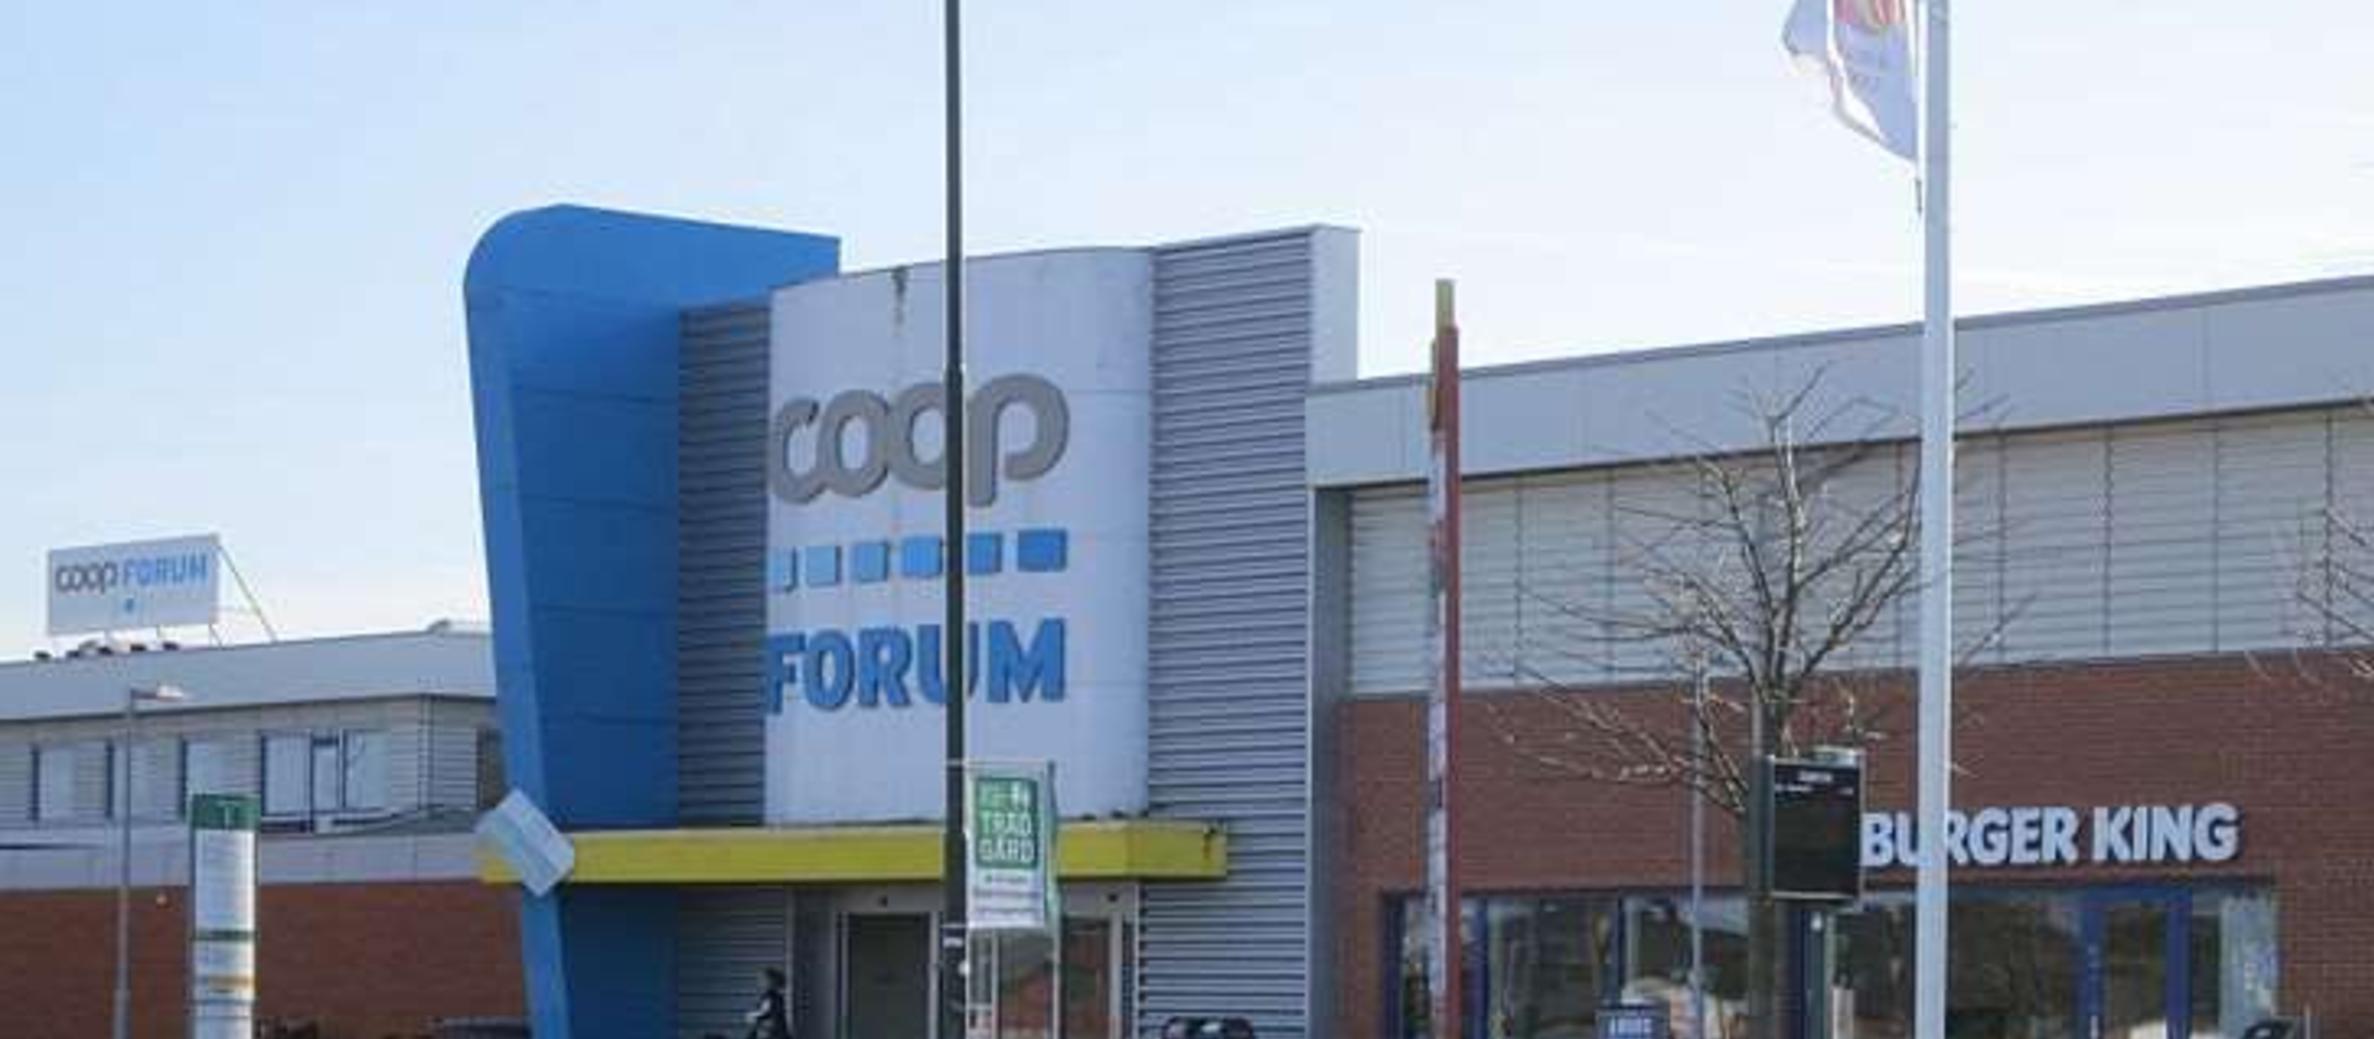 SWEDEN: Supermarkets backs down on Israeli goods boycott